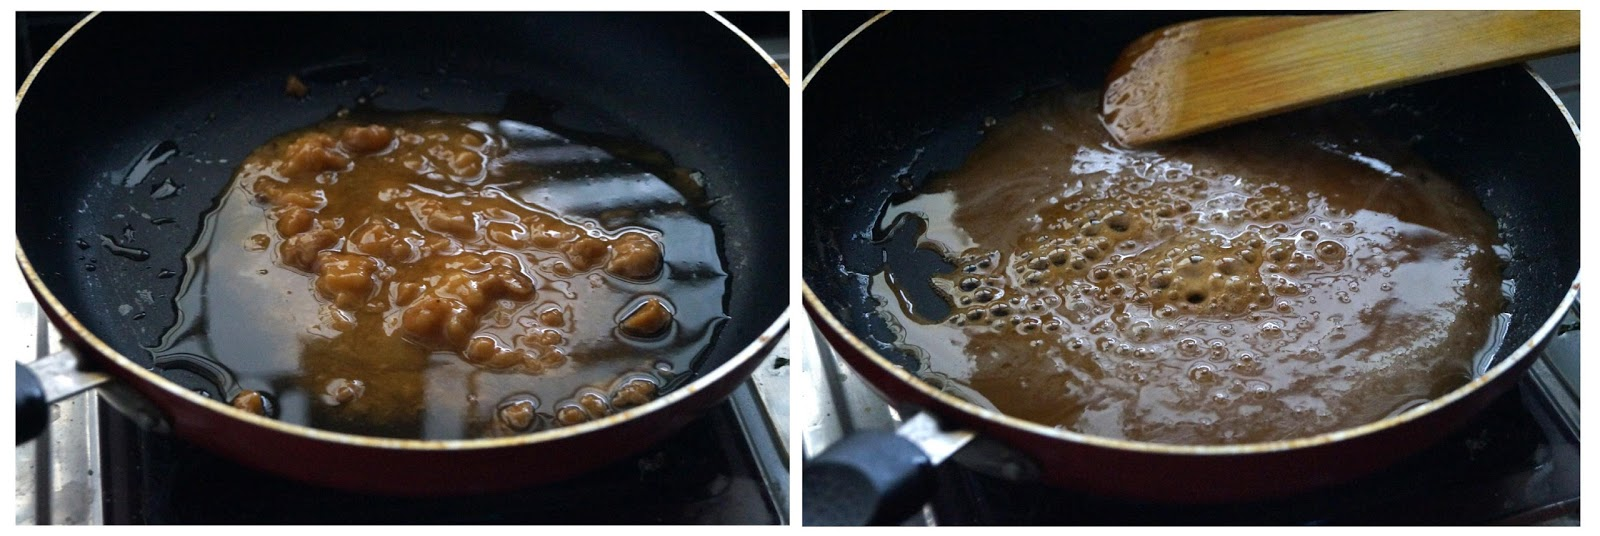 making stuffing for poornam kudumulu, ganesh chaturthi special recipes